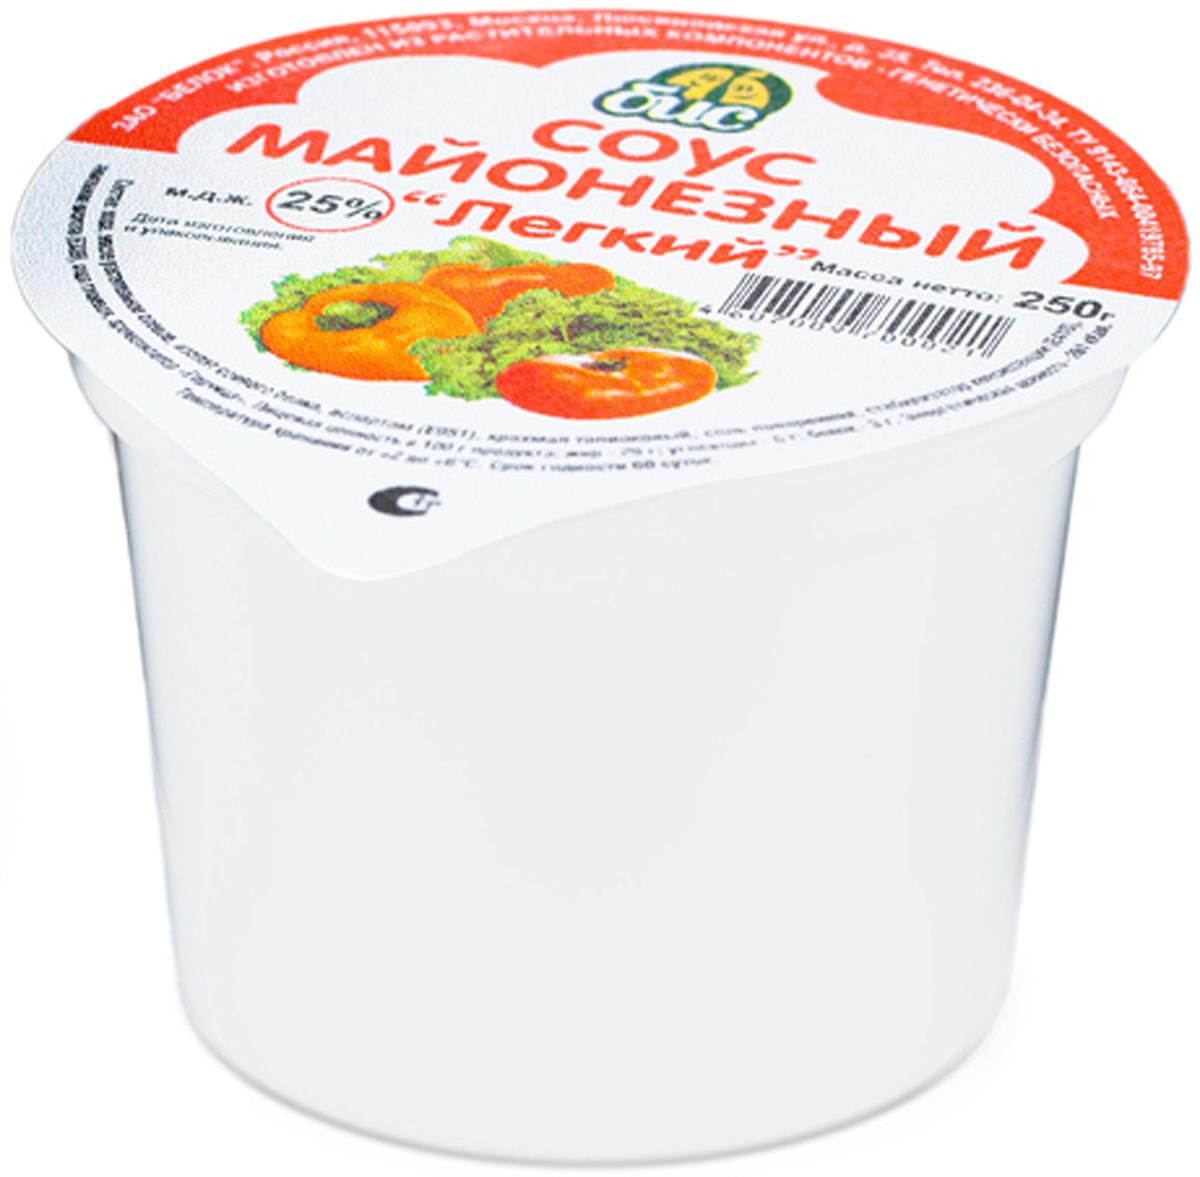 Соевый майонез полезный и легкий, без животных компонентов, обогащен полноценным соевым белком, без холестерина и лишних калорий.